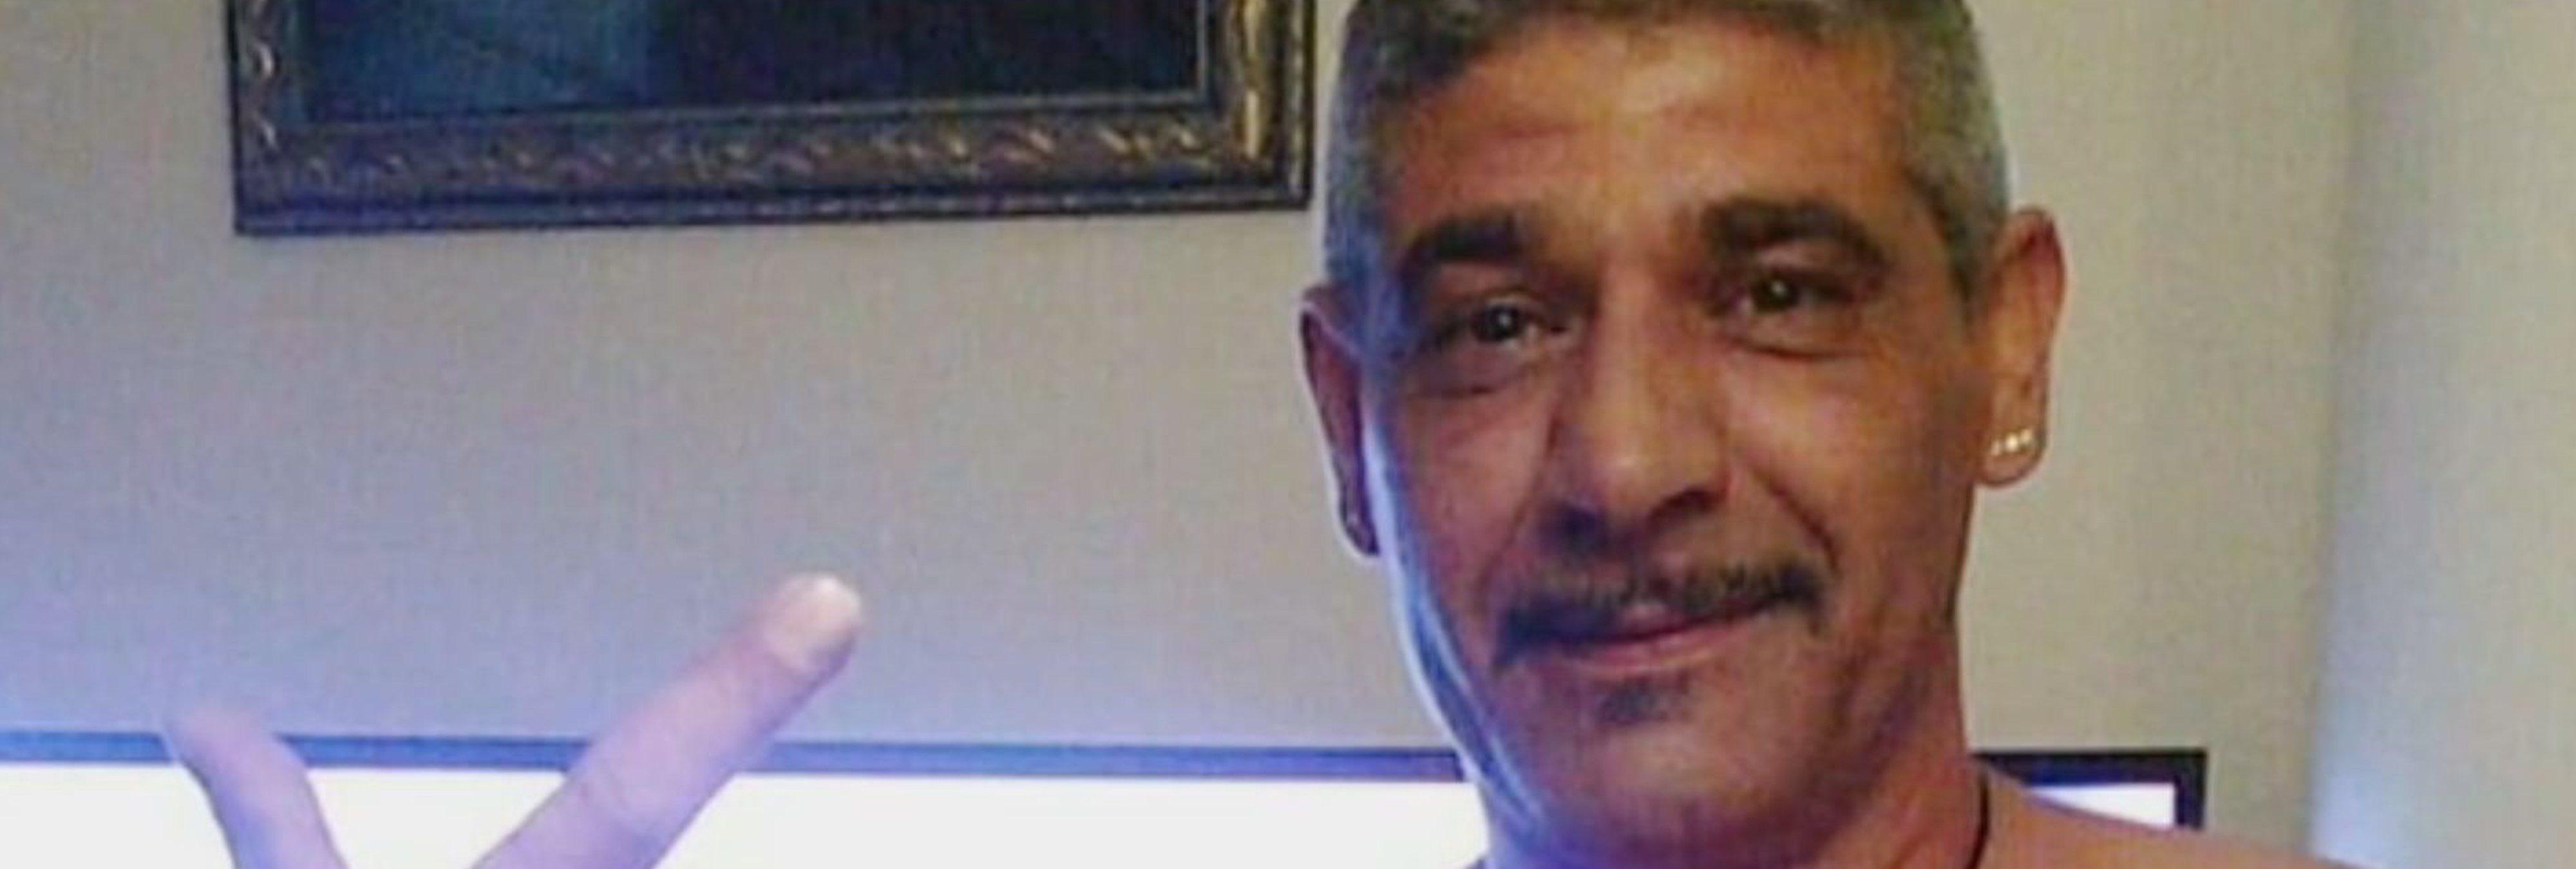 Bernardo Montoya podría quedar en libertad ya que no grabaron su confesión